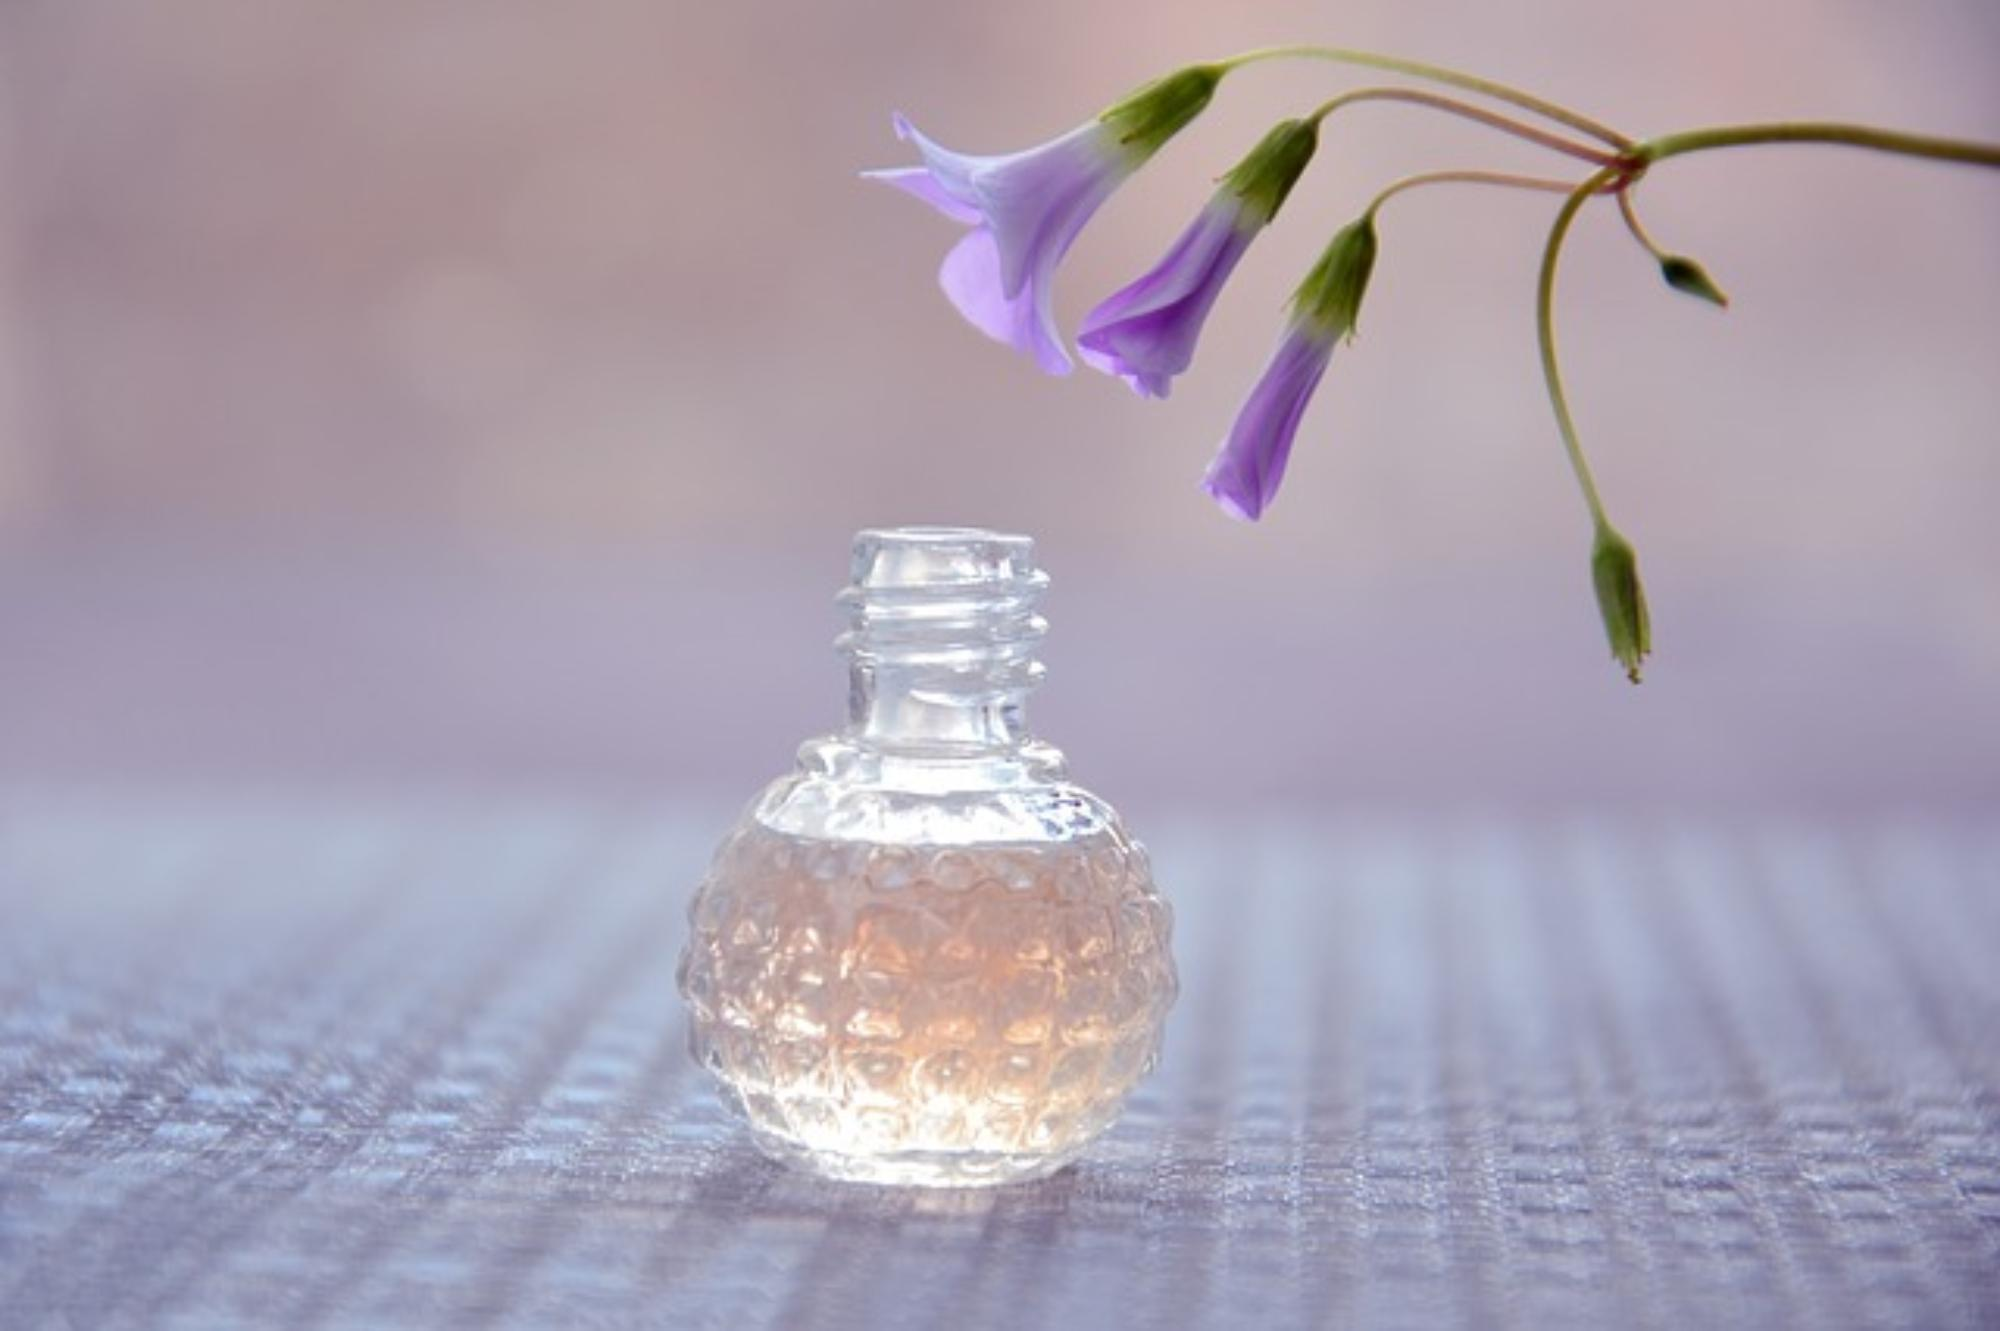 Luksusowe perfumy – jakie wybrać?